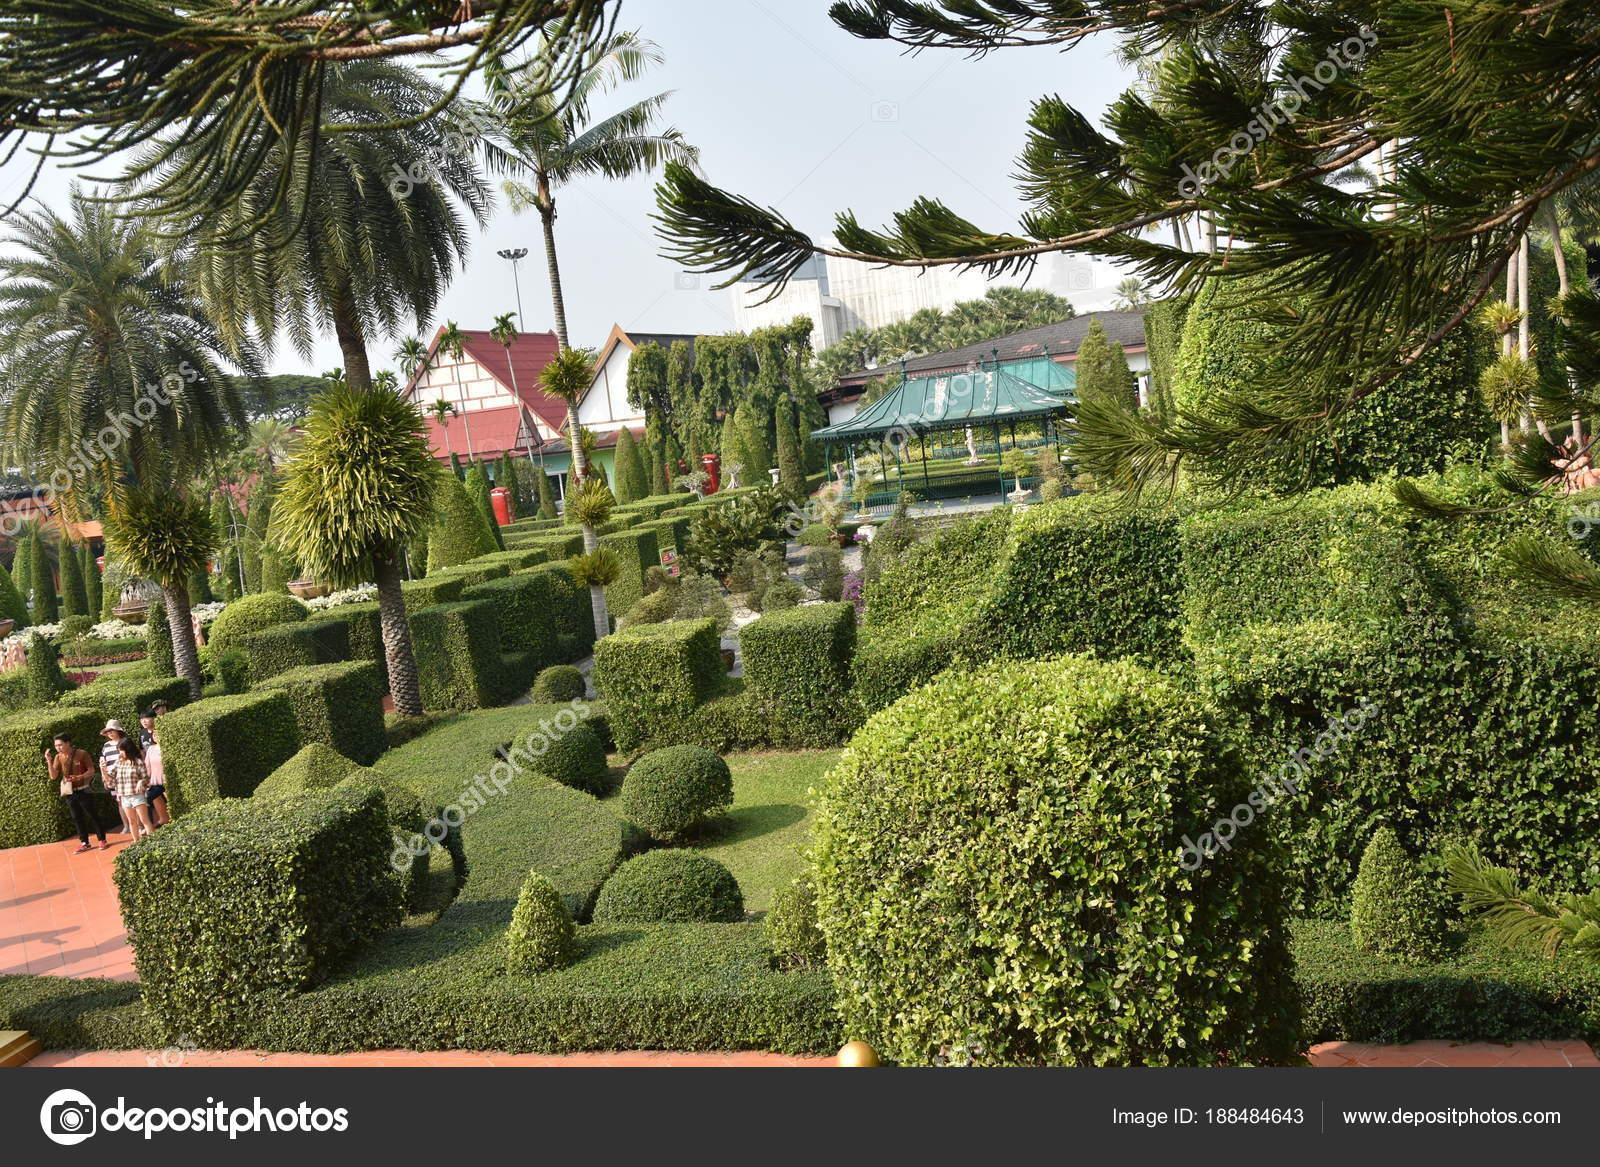 Nong Nooch Tropical Botanical Garden, Pattaya City, Thailand — Stock Photo